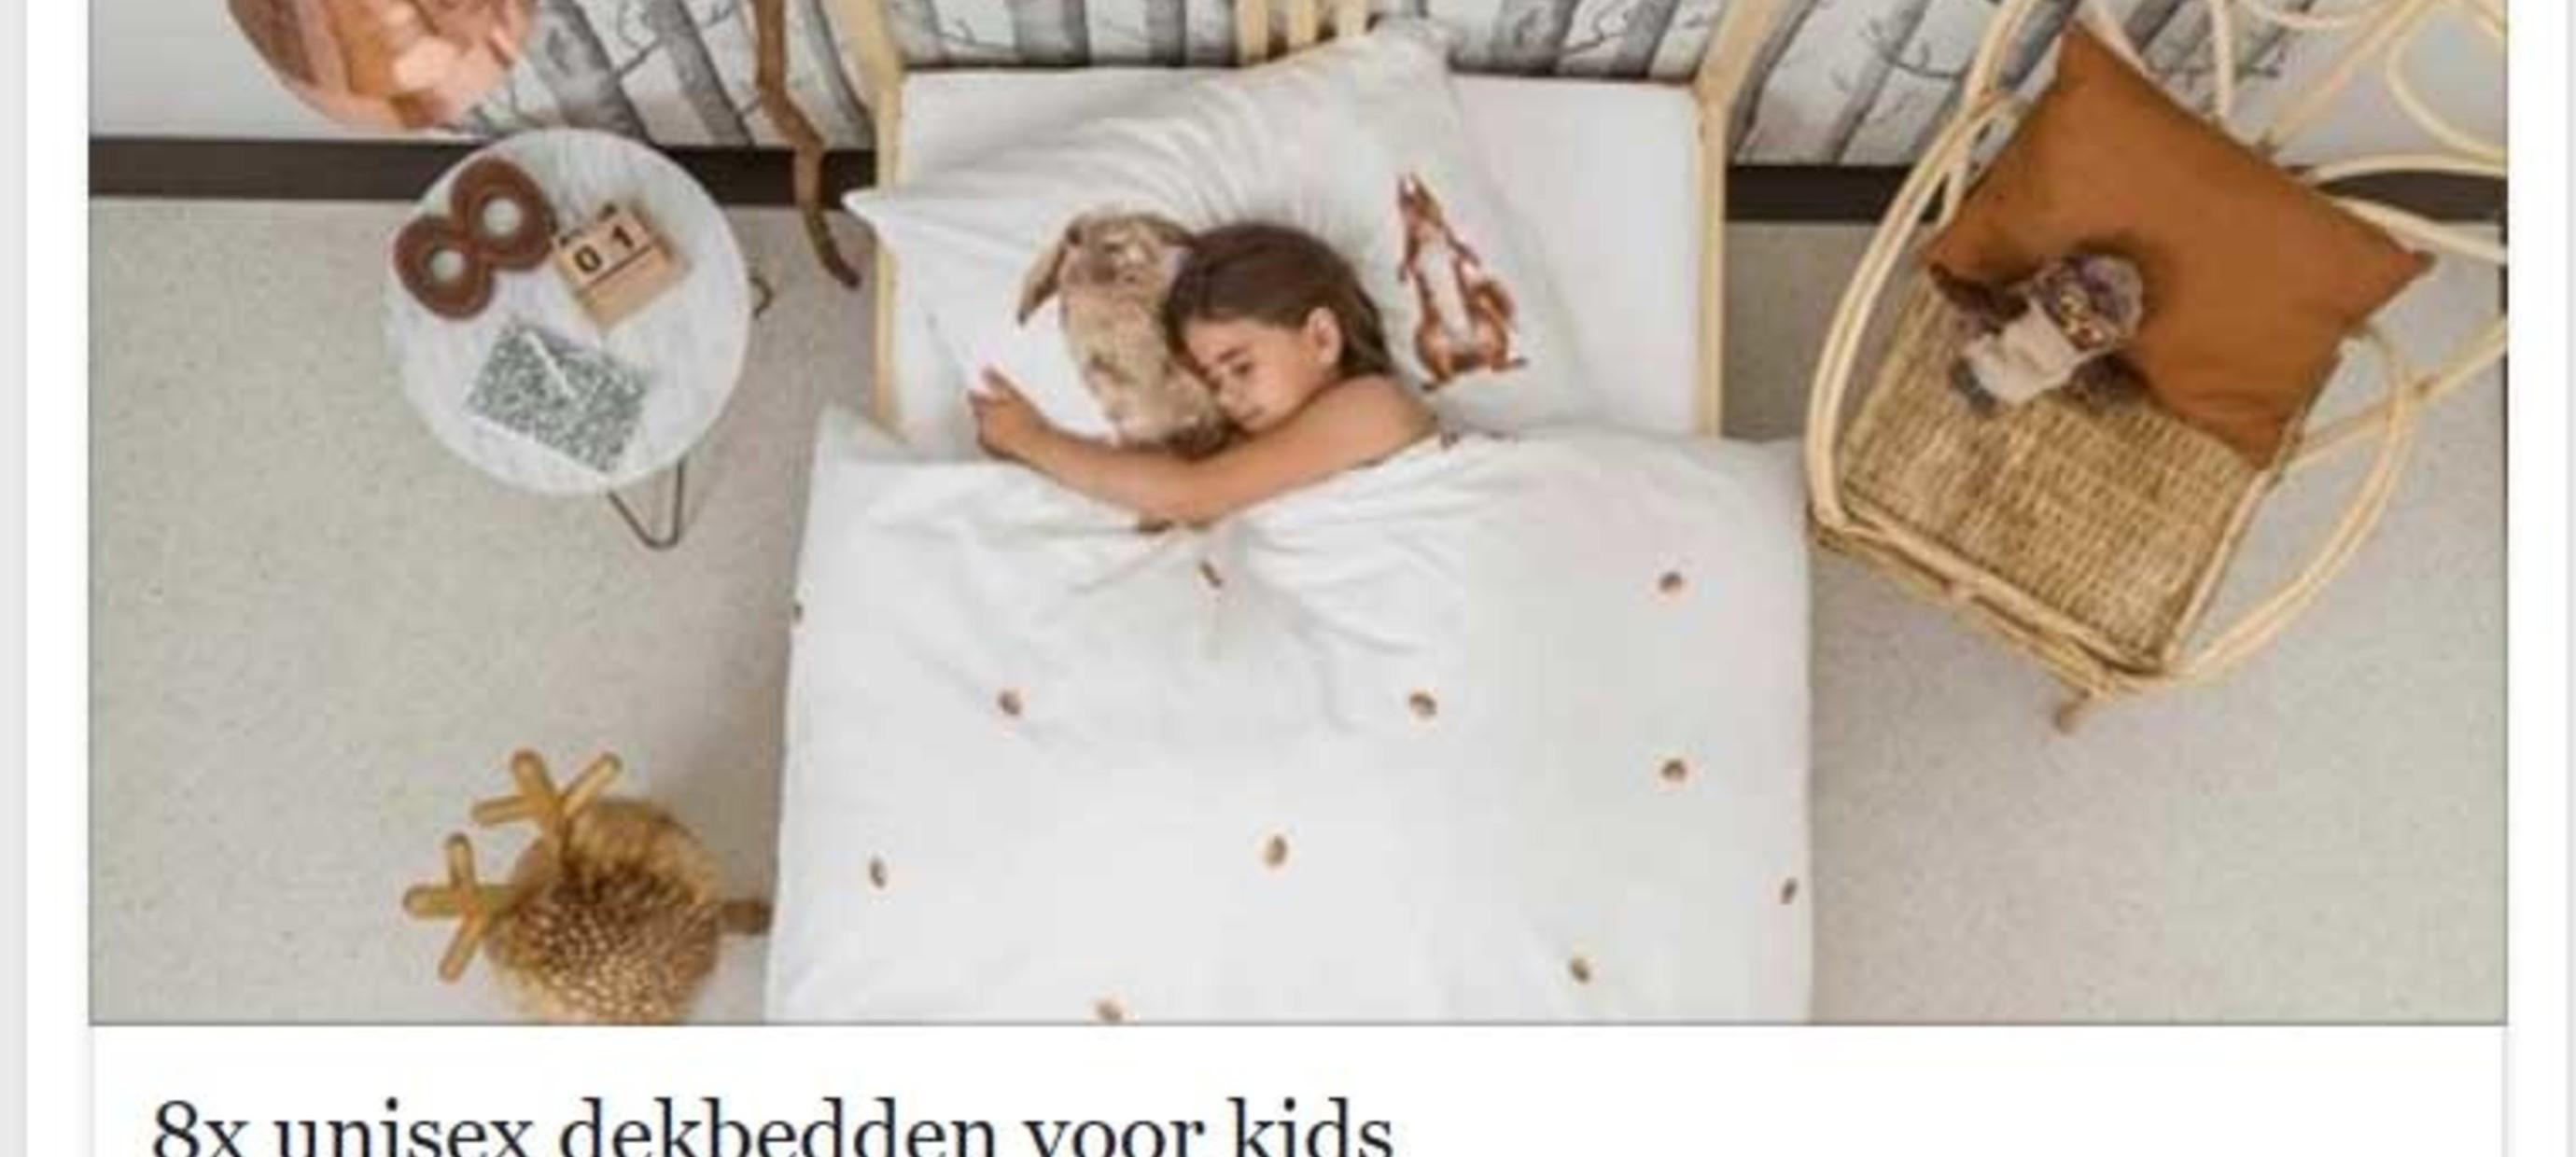 Onlinelifestylemagazine selecteert 8 mooie én unisex dekbedovertrekken voor kids